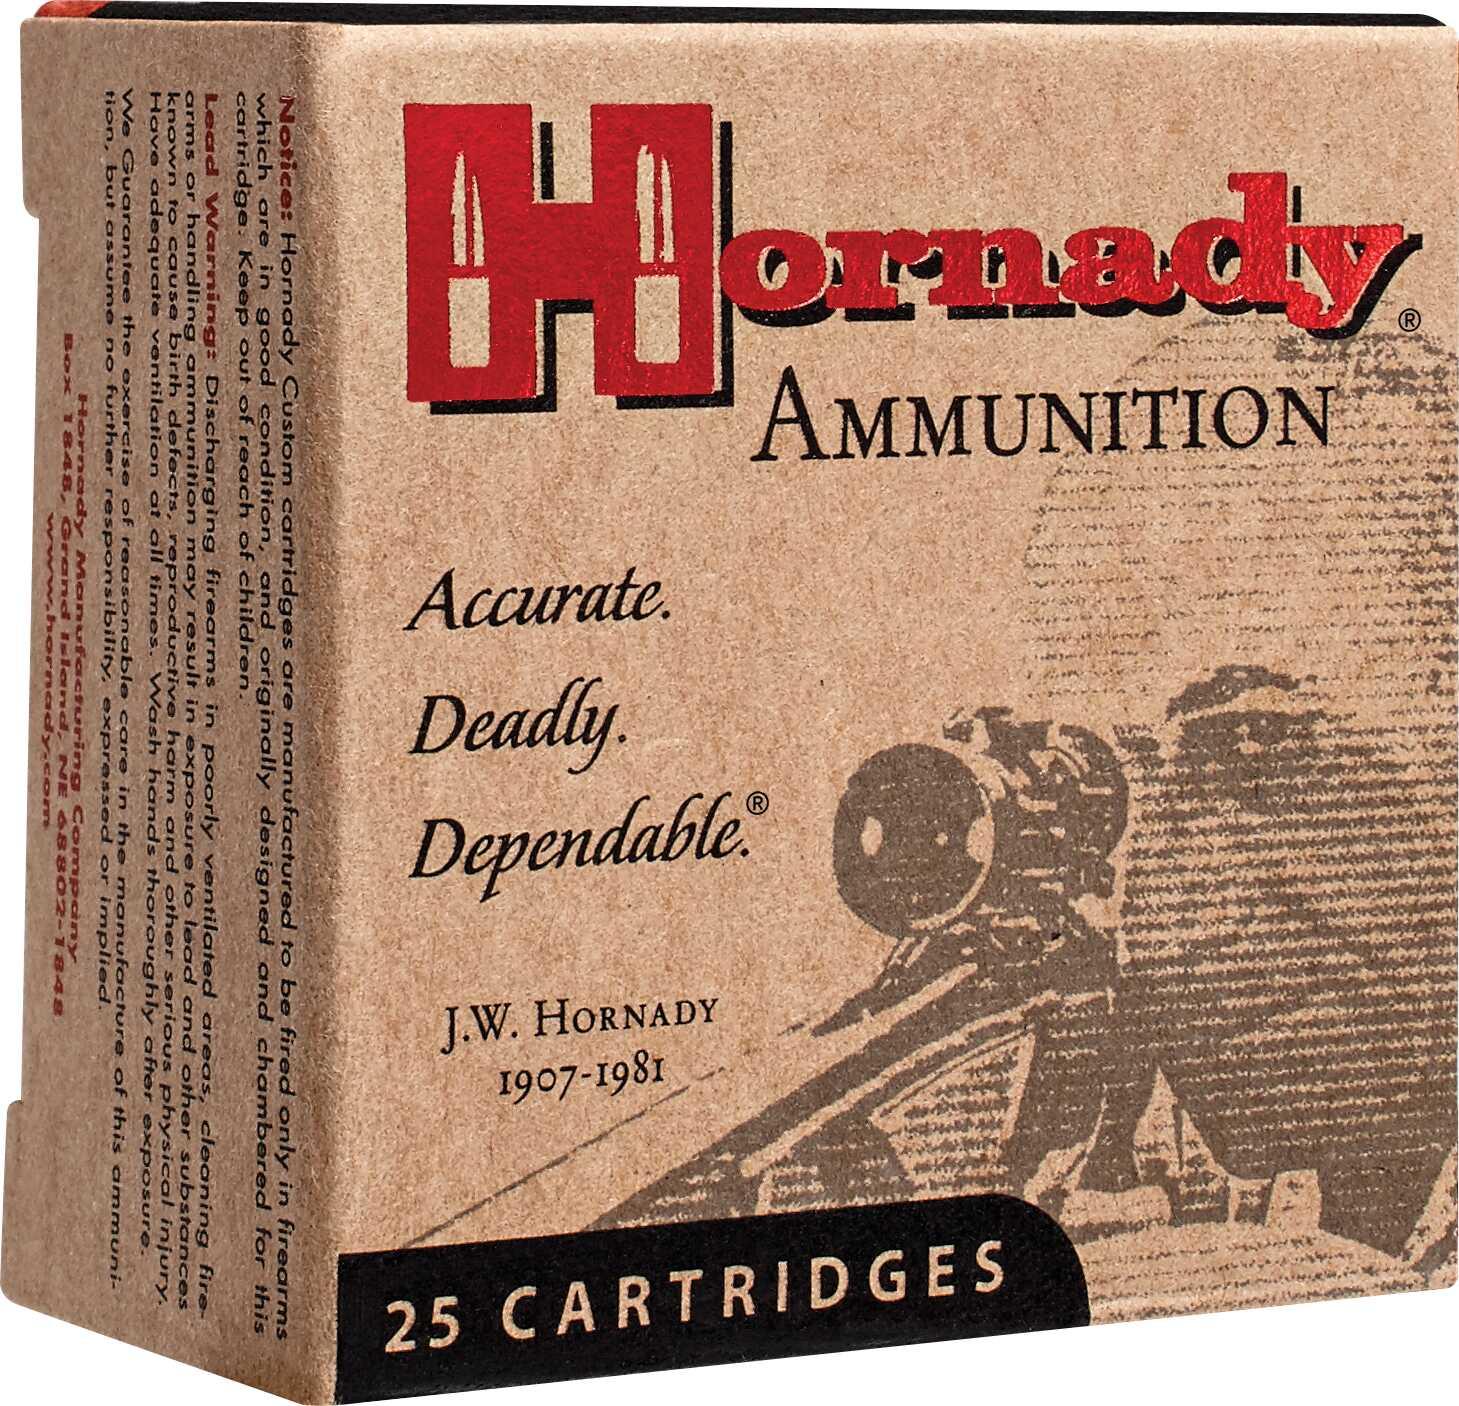 454 Casull By Hornady 454 Casull 240 Grain XTP/Mag Per 20 Ammunition Md: 9148